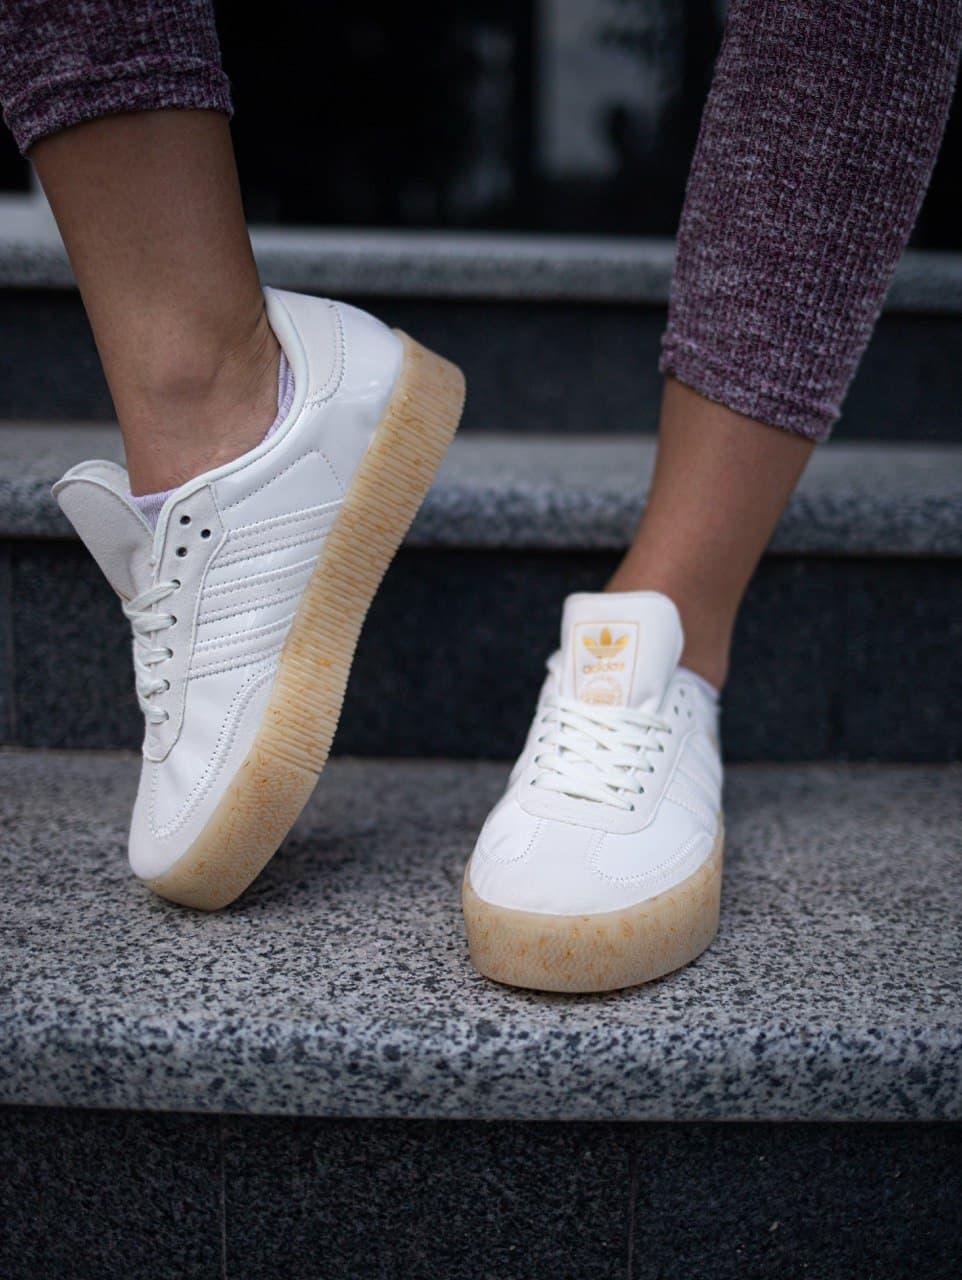 Жіночі кросівки Adidas Samba White GUM